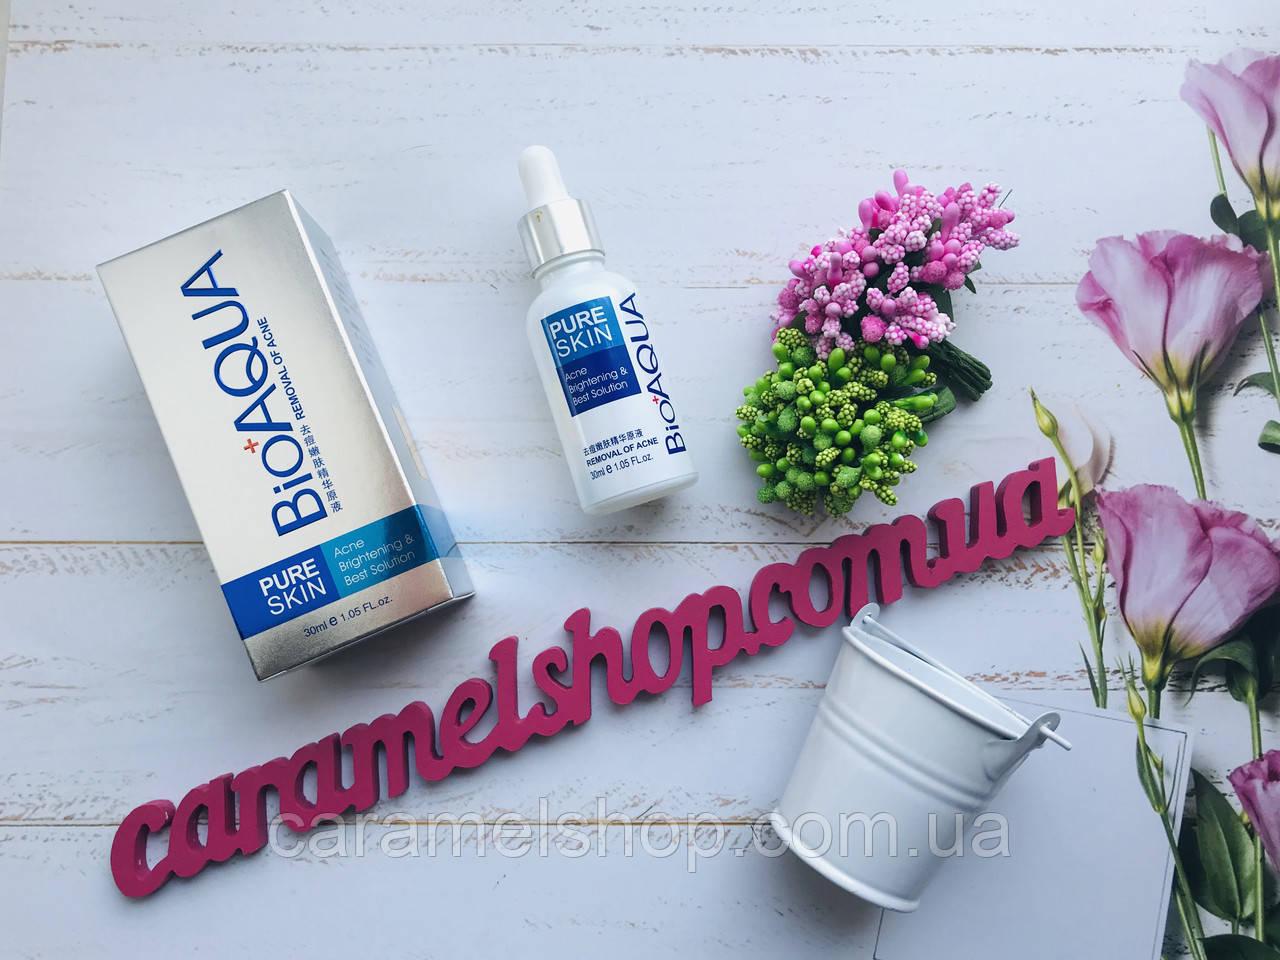 Сыворотка от акне и воспаления Pure Skin BioAqua Anti Acne Объем 30 мл